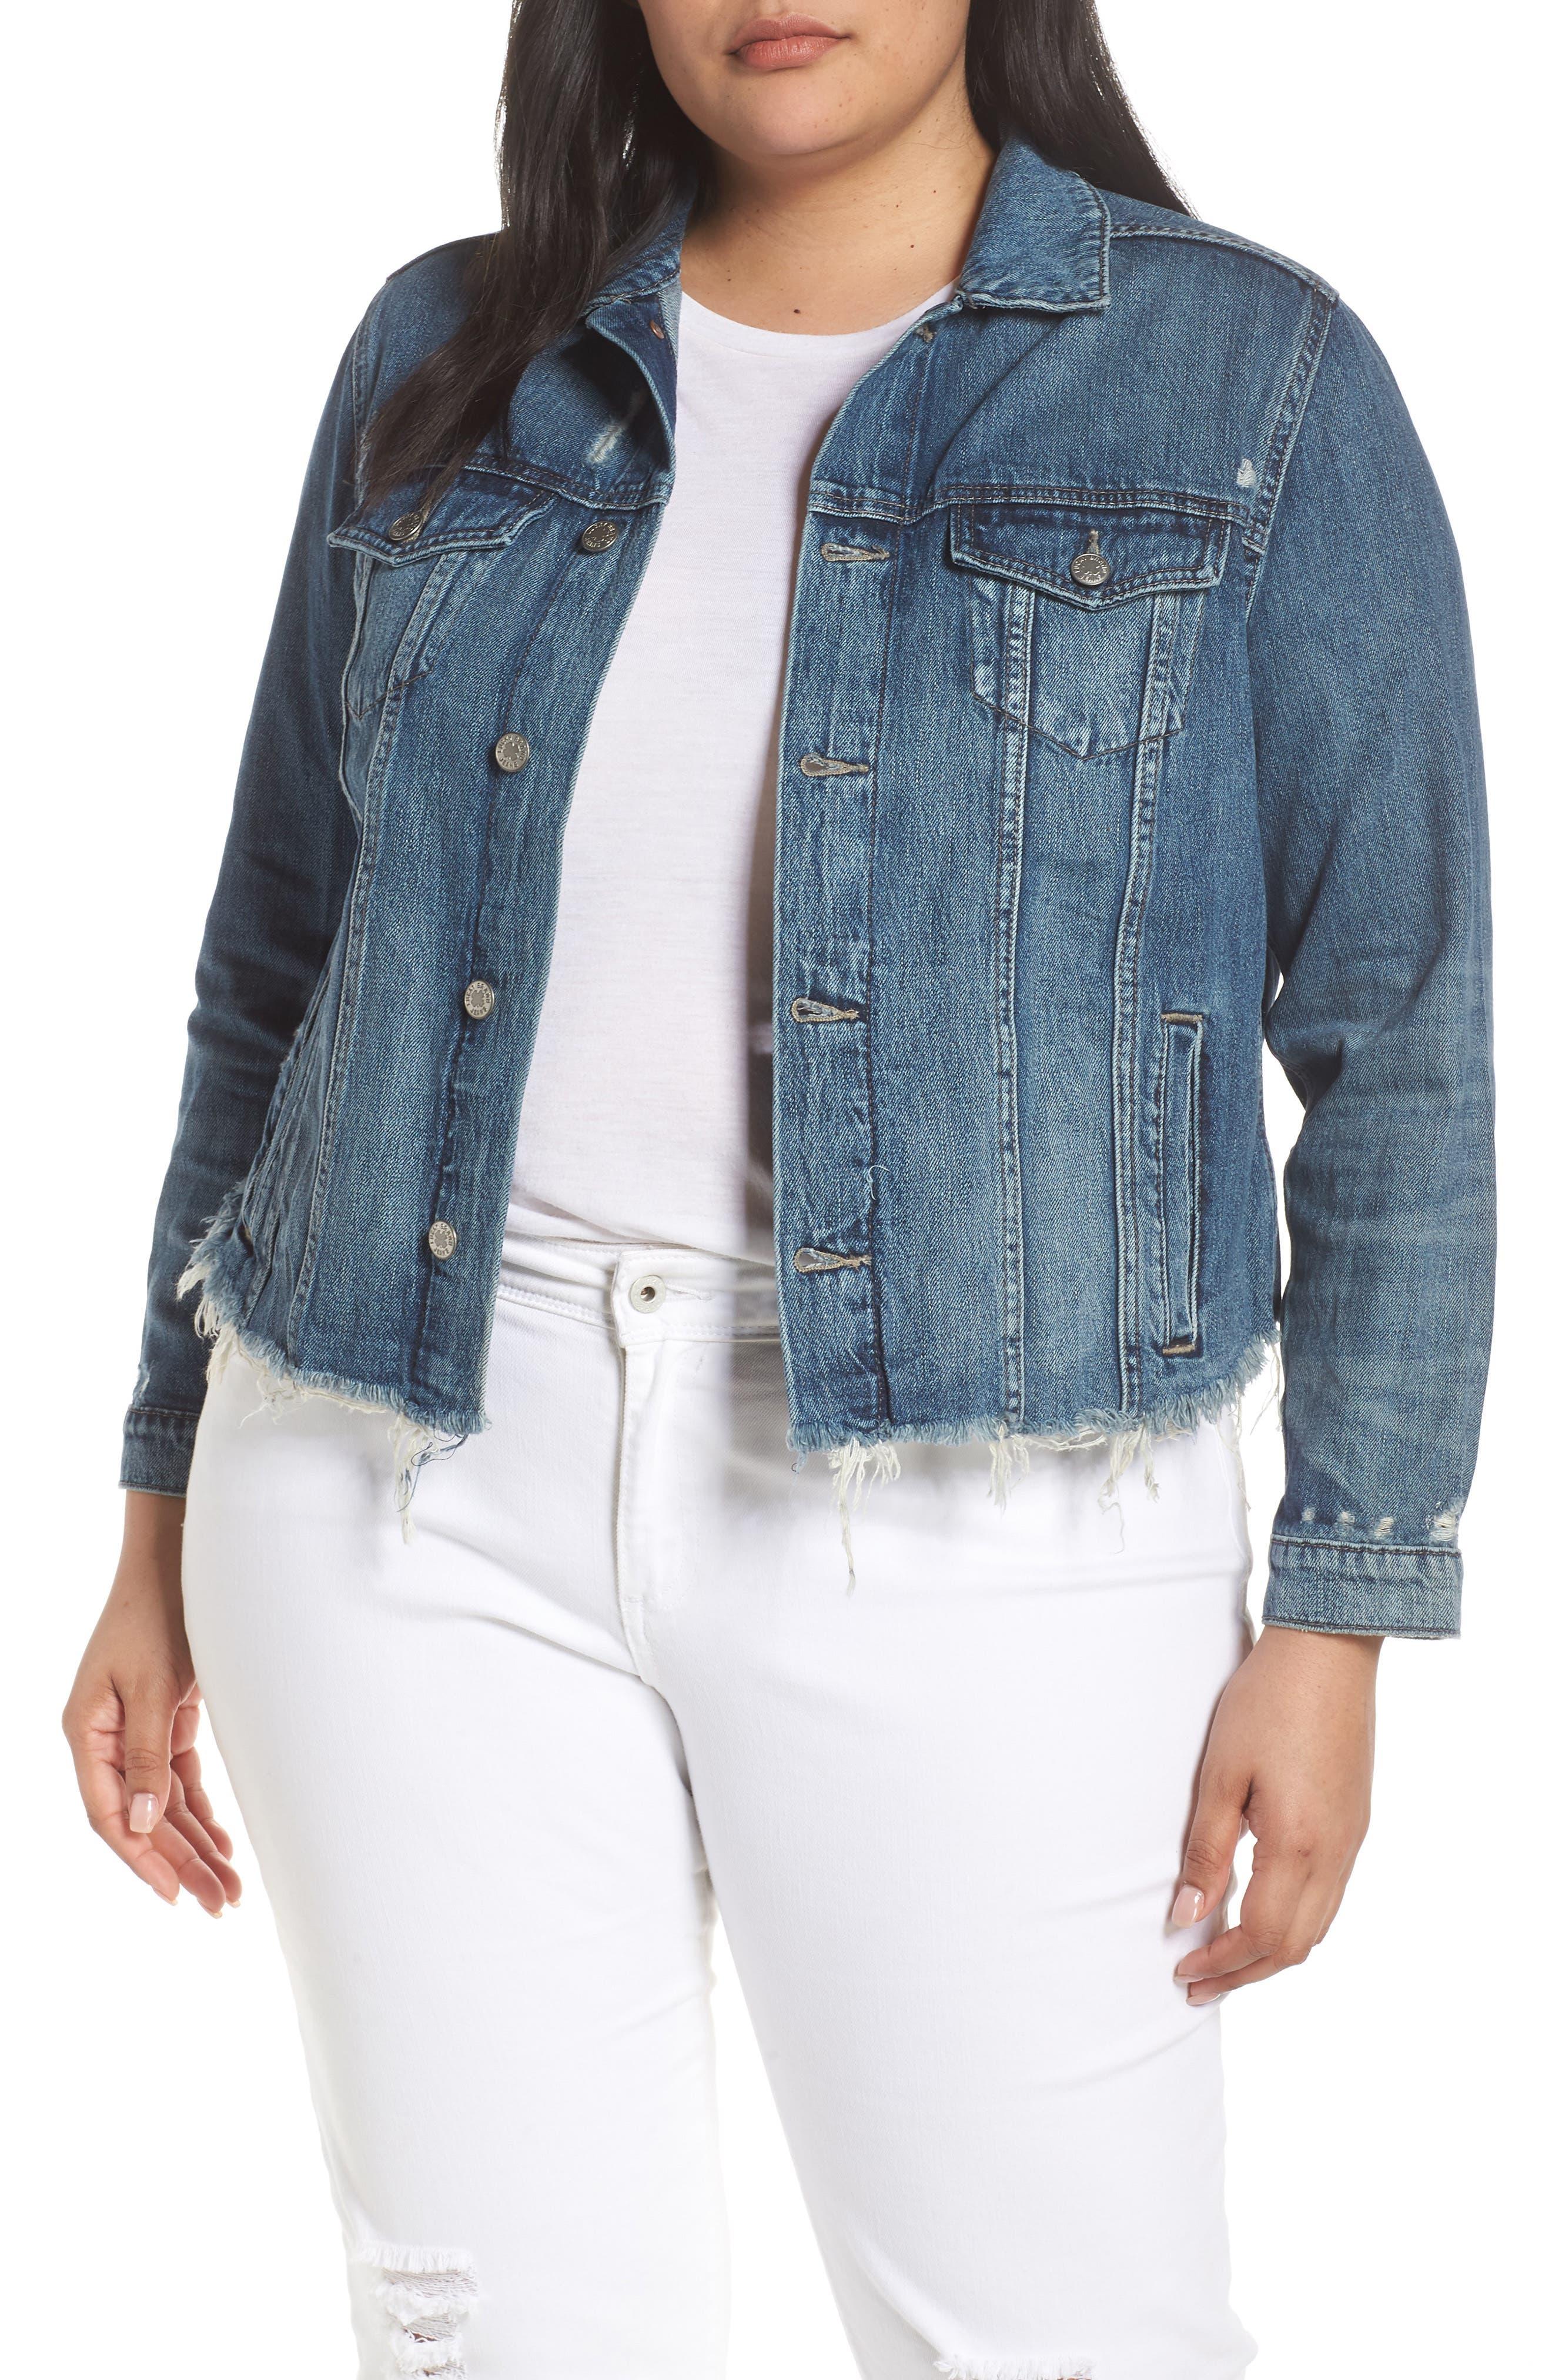 db02a10575 Women s Lucky Brand Coats   Jackets